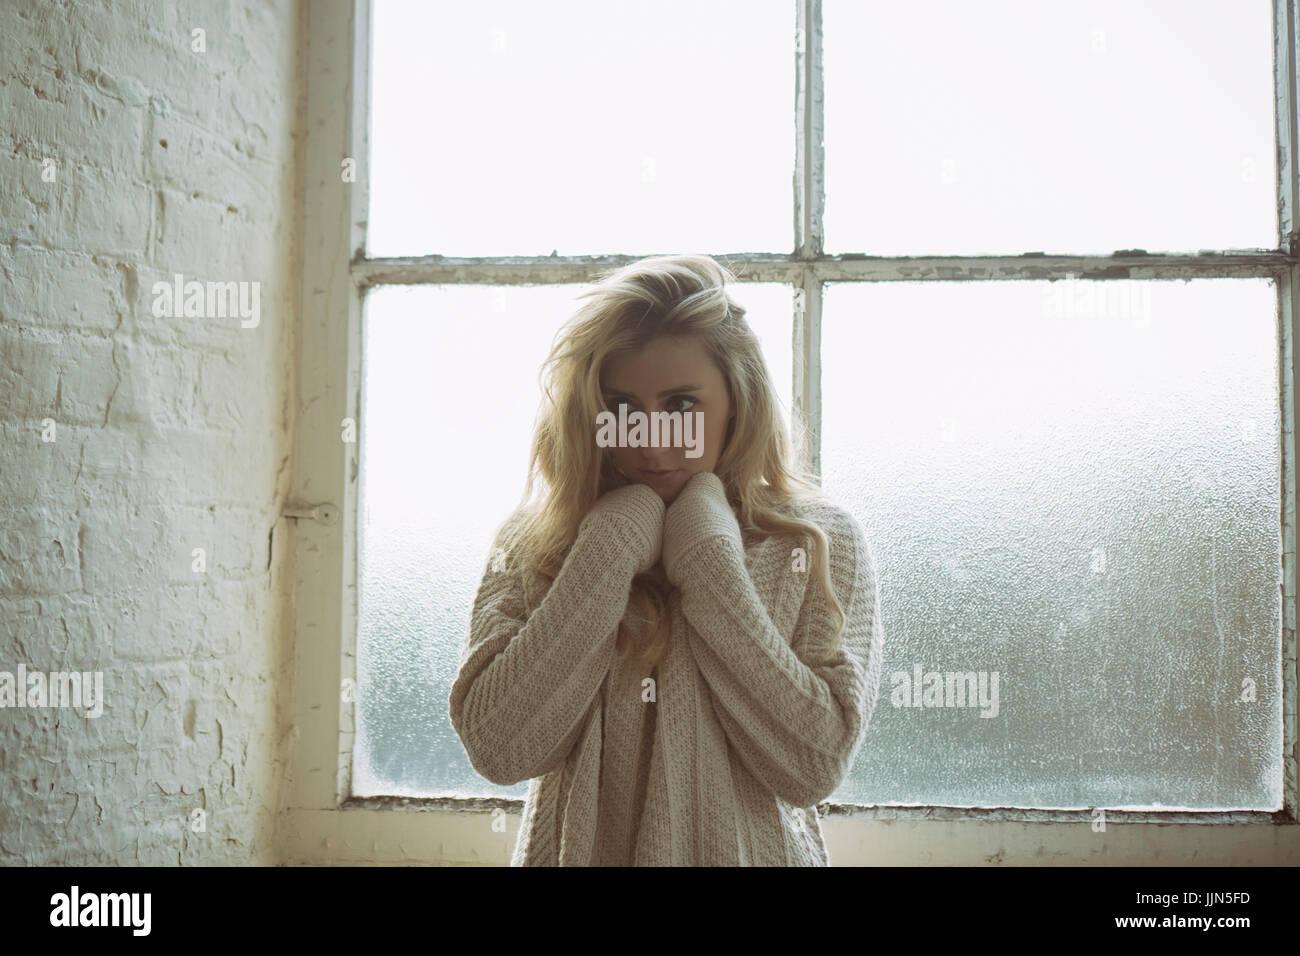 Asustada joven vistiendo un puente de lana de pie junto a la ventana, mirando lejos Imagen De Stock